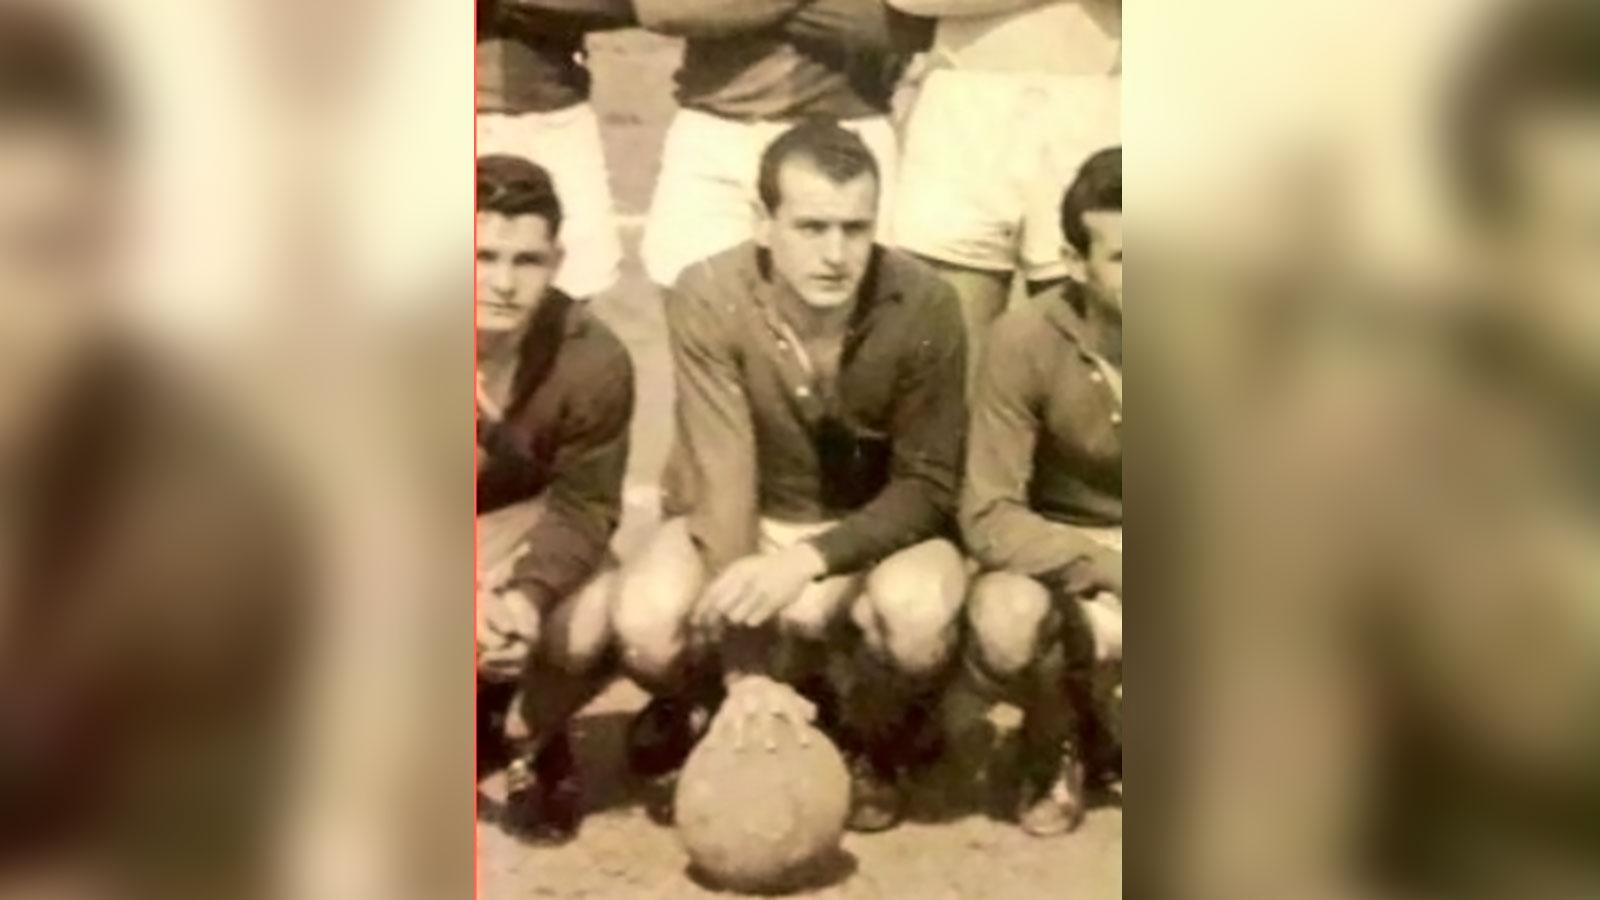 Yorlano jugó un partido en Newell's, en el '63.